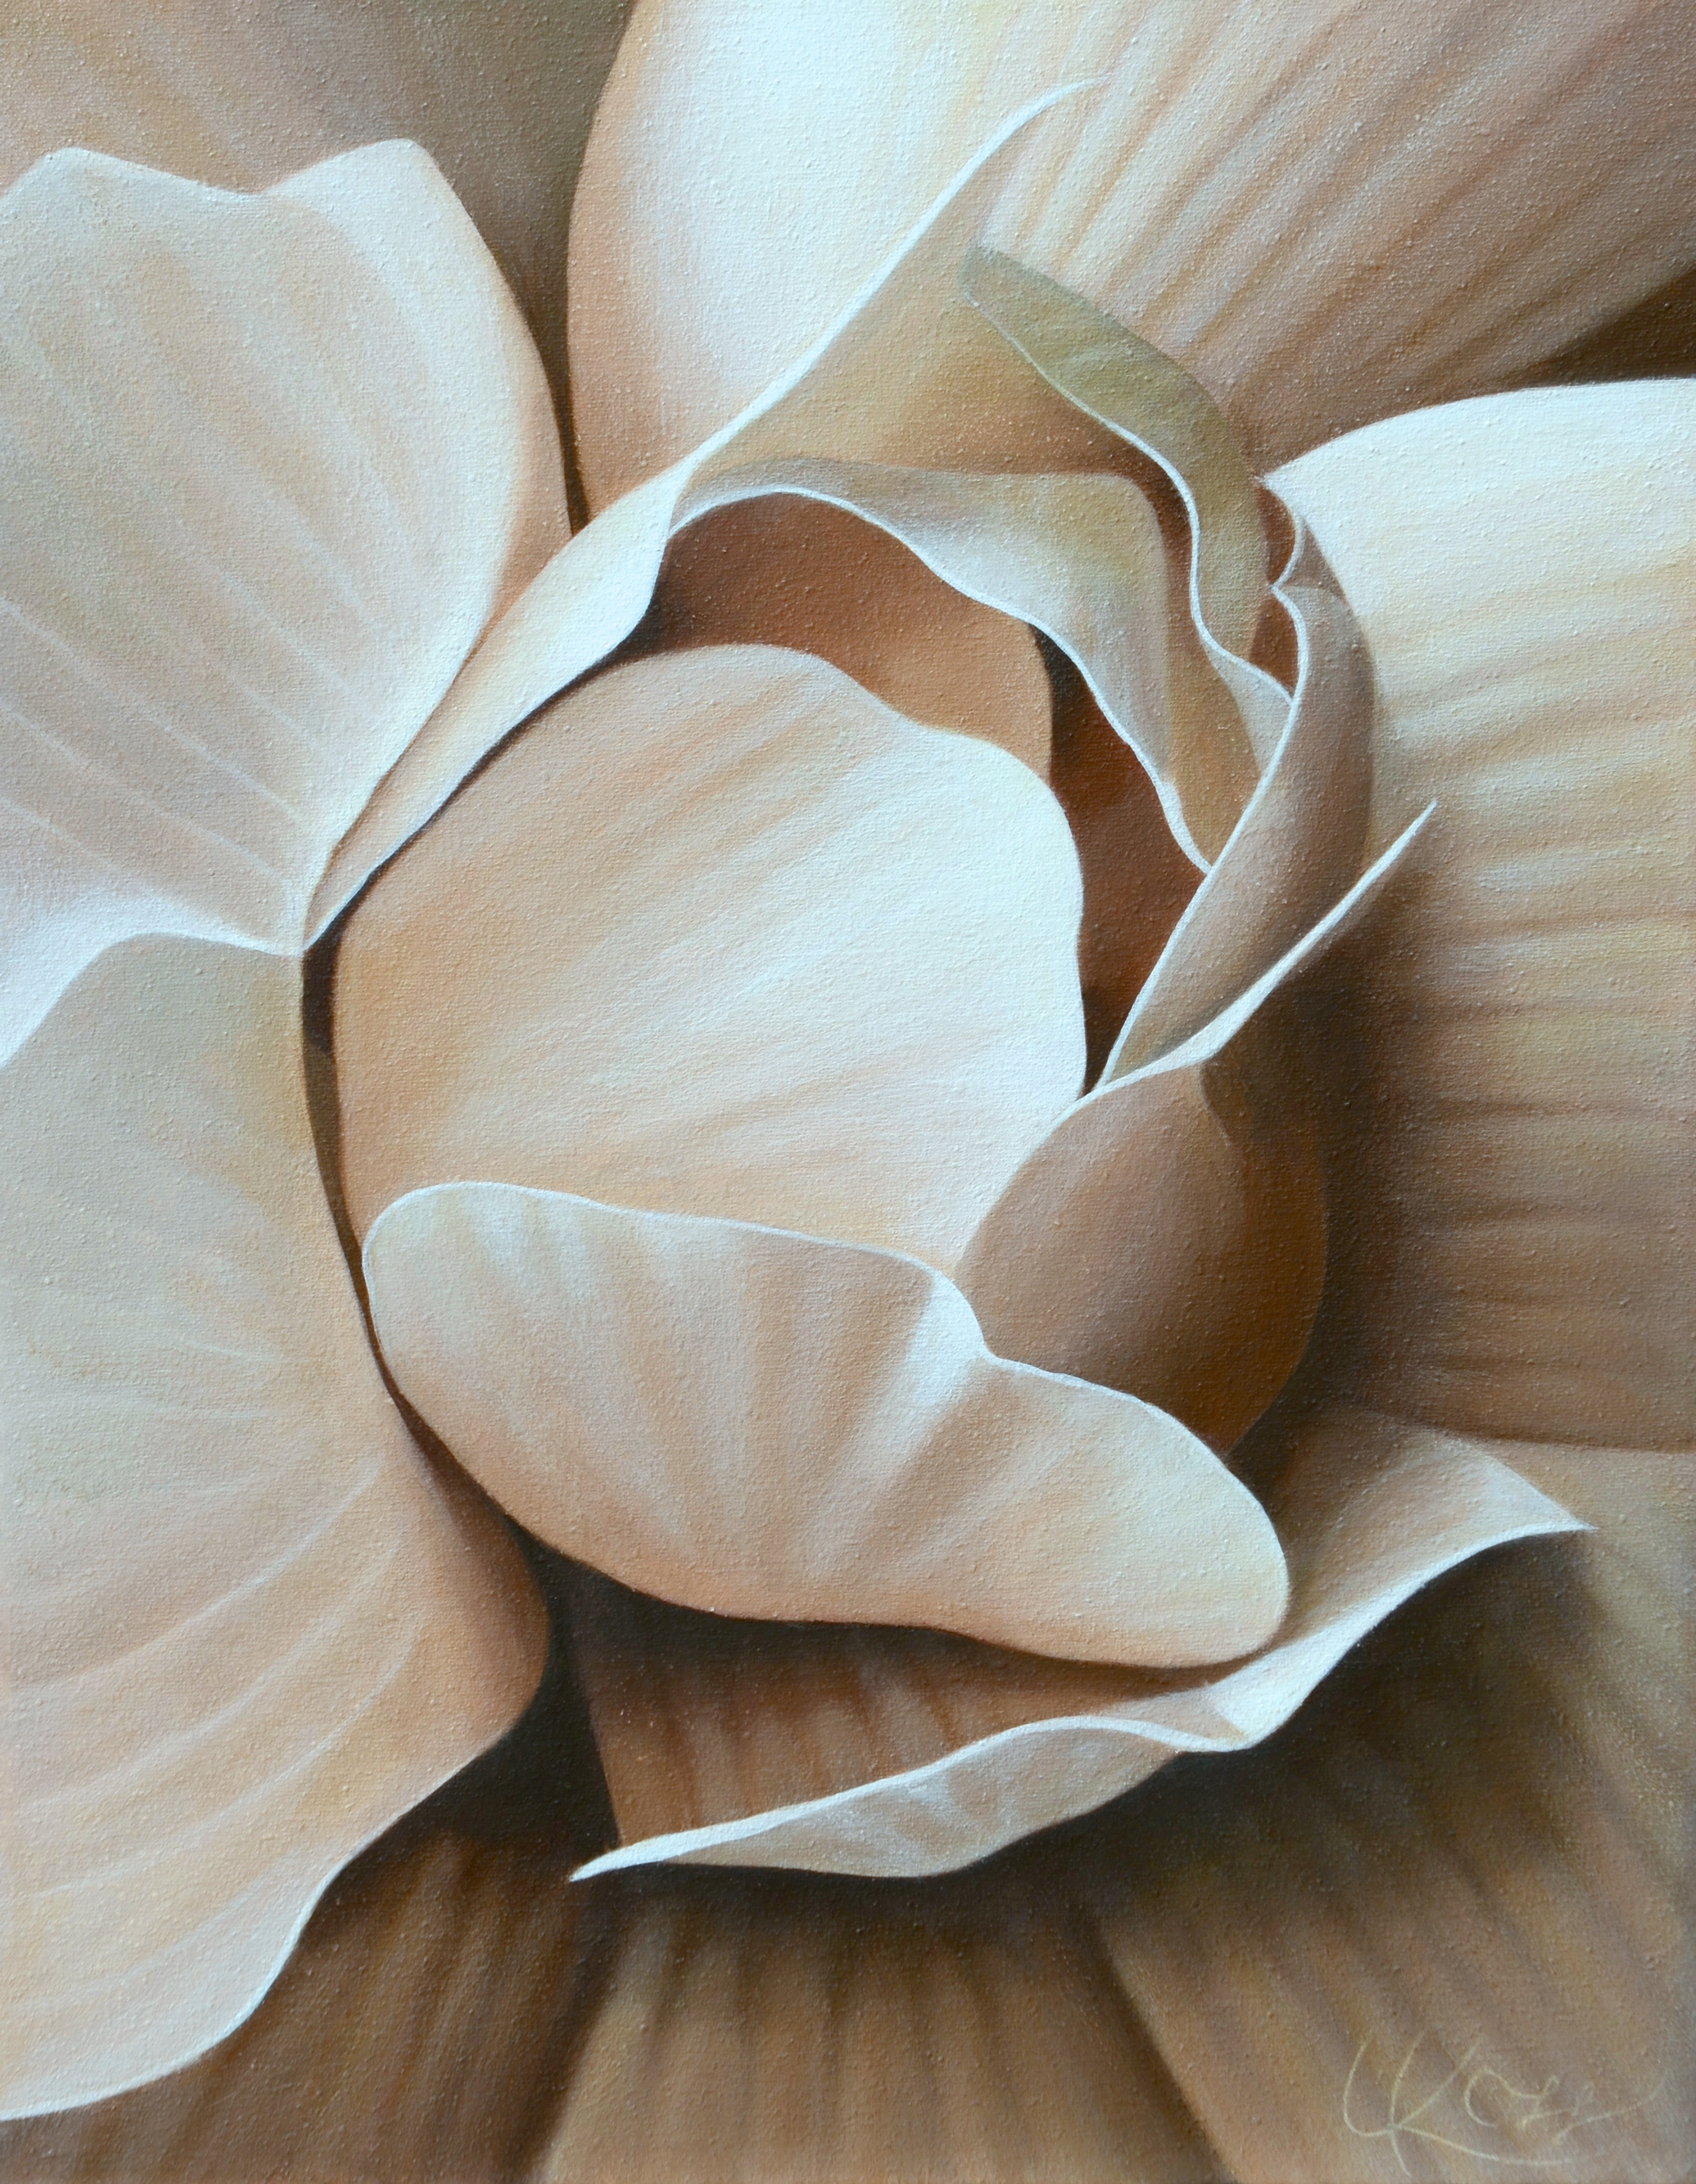 Begonia 12, 18x14